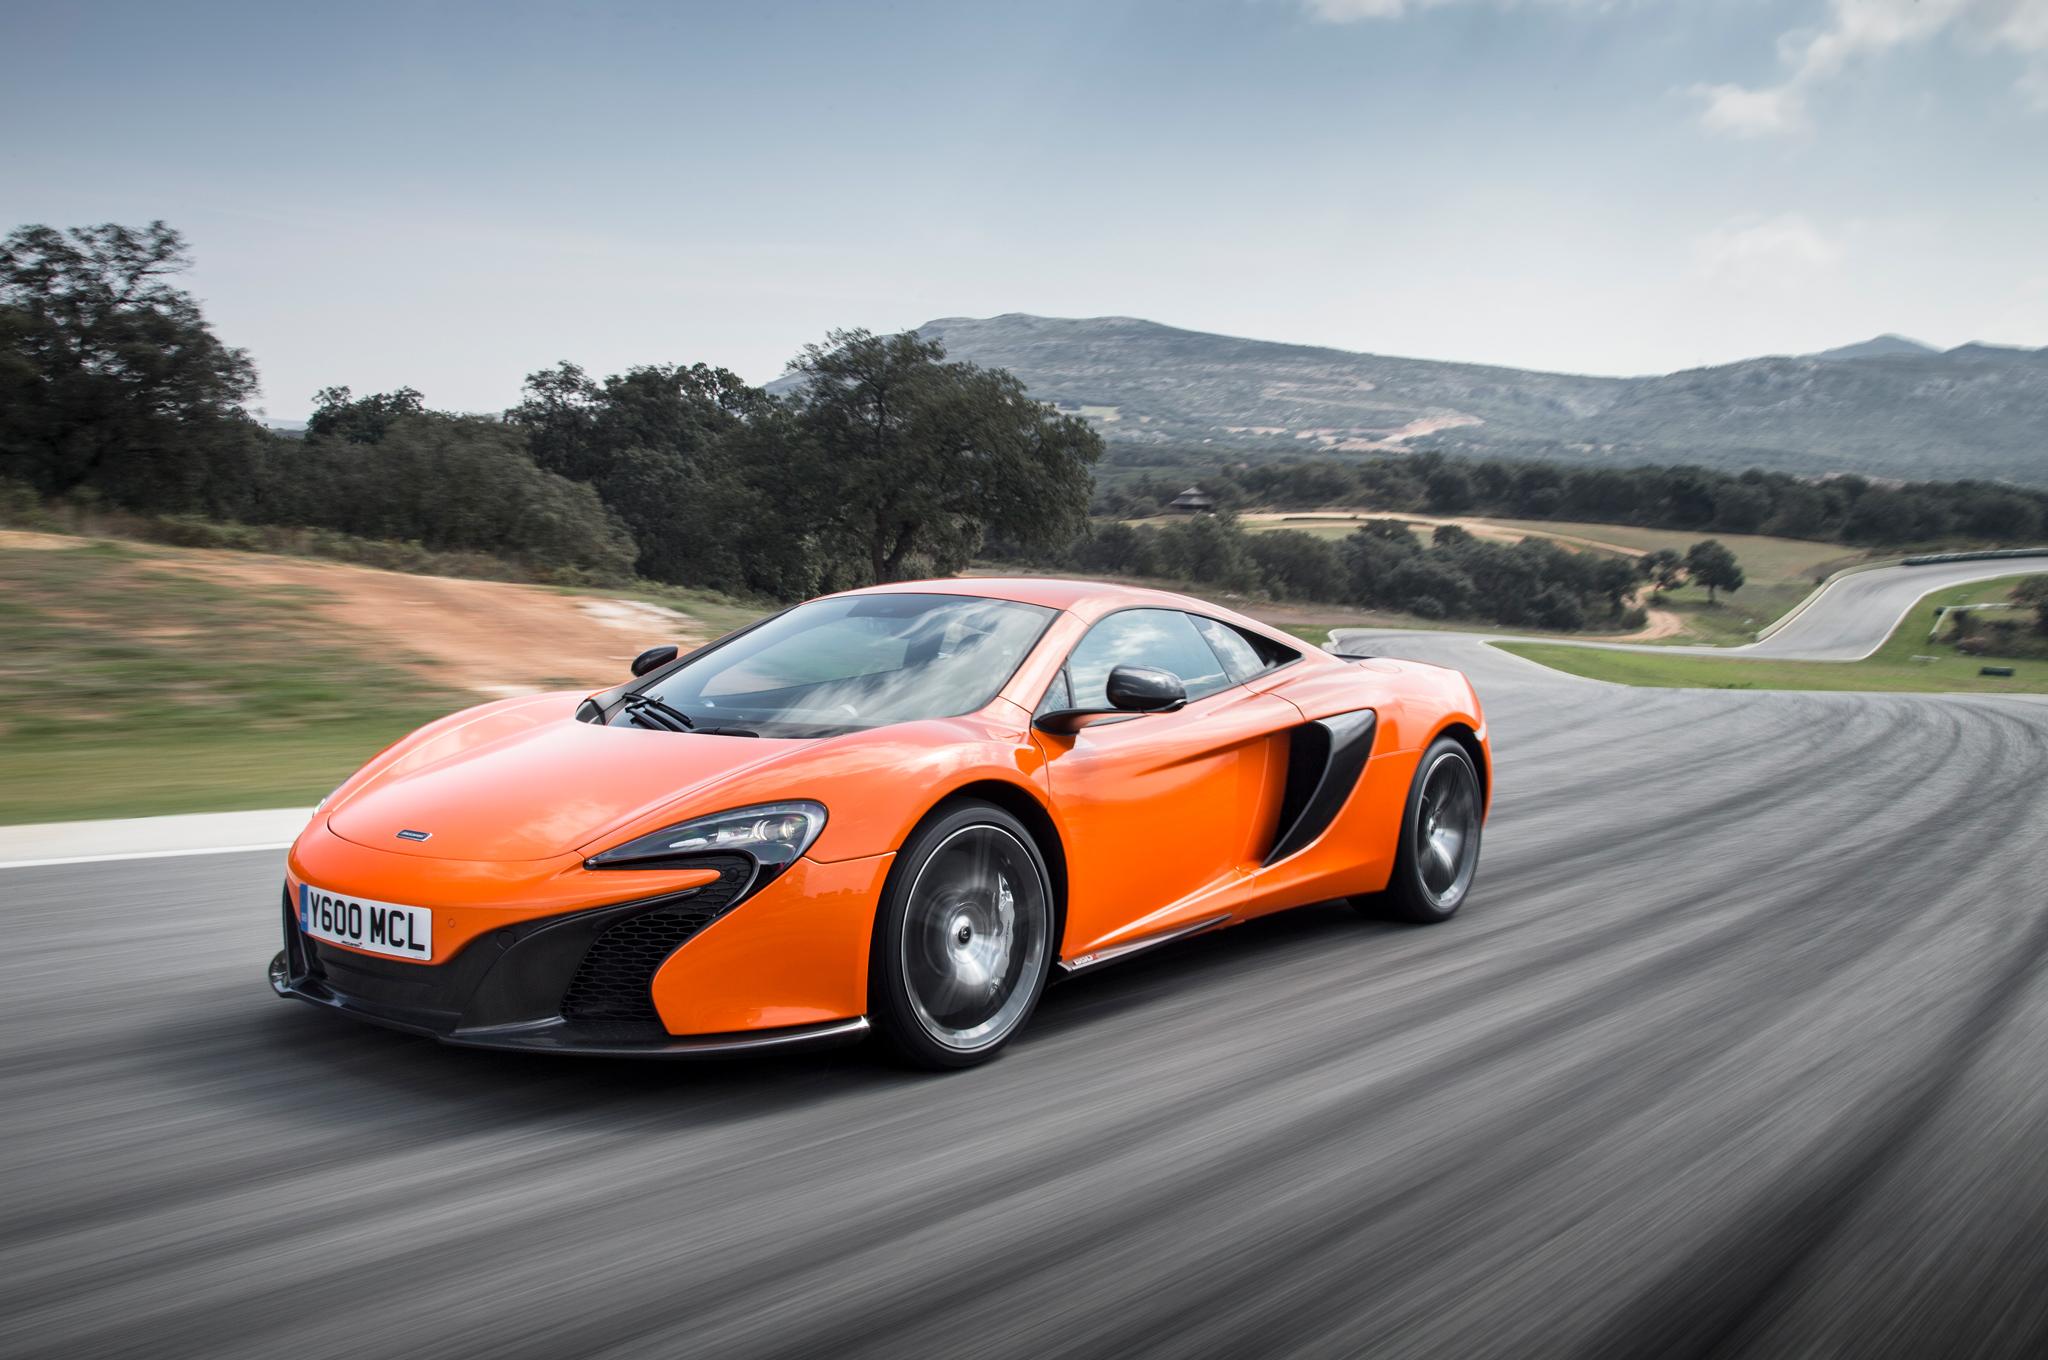 2015 McLaren 650S in Motion Image